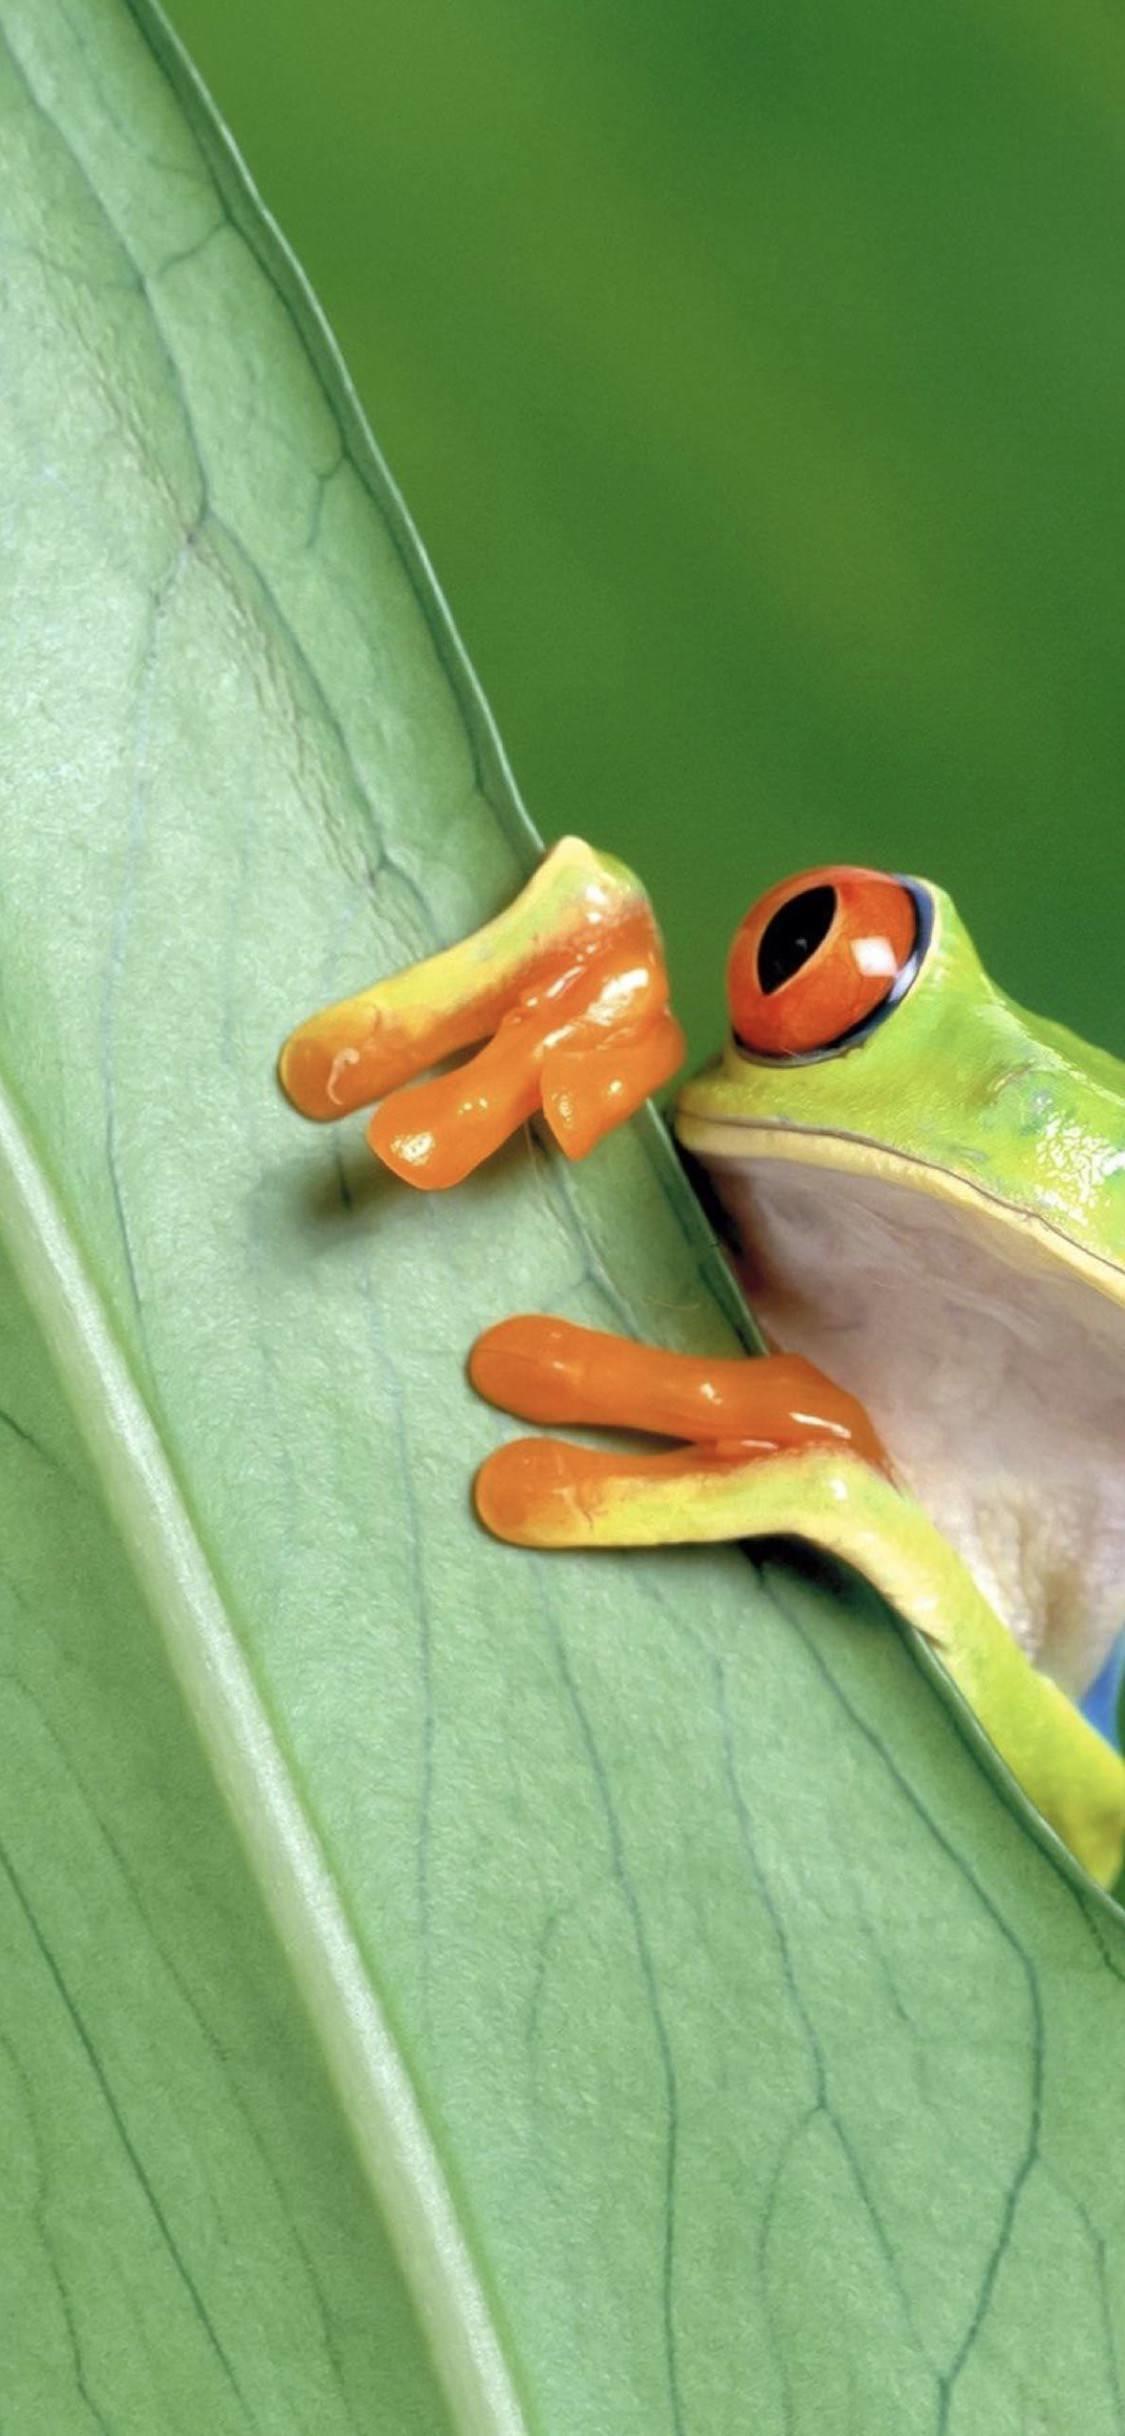 Una simpatica rana - Sfondi per iPhone, i migliori da scaricare gratis